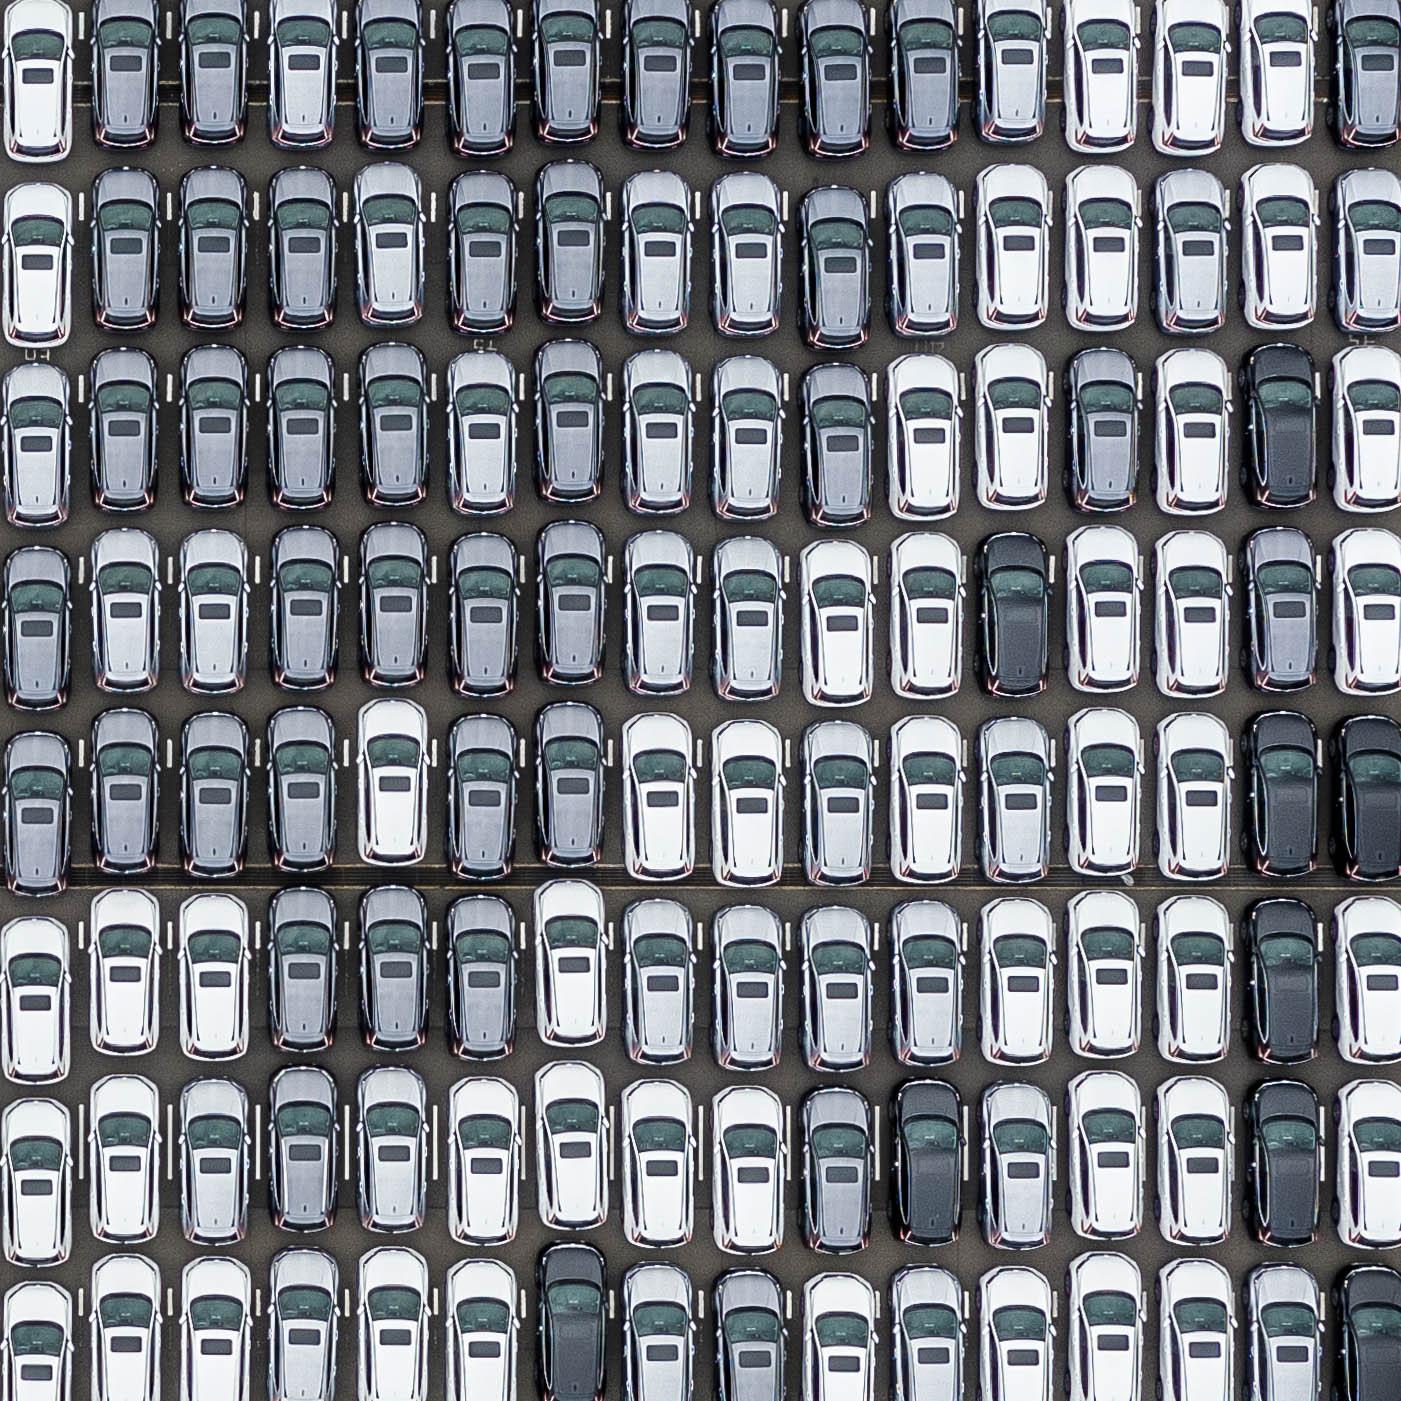 シンガポールで輸入車が奇麗に並べられている様子を空撮